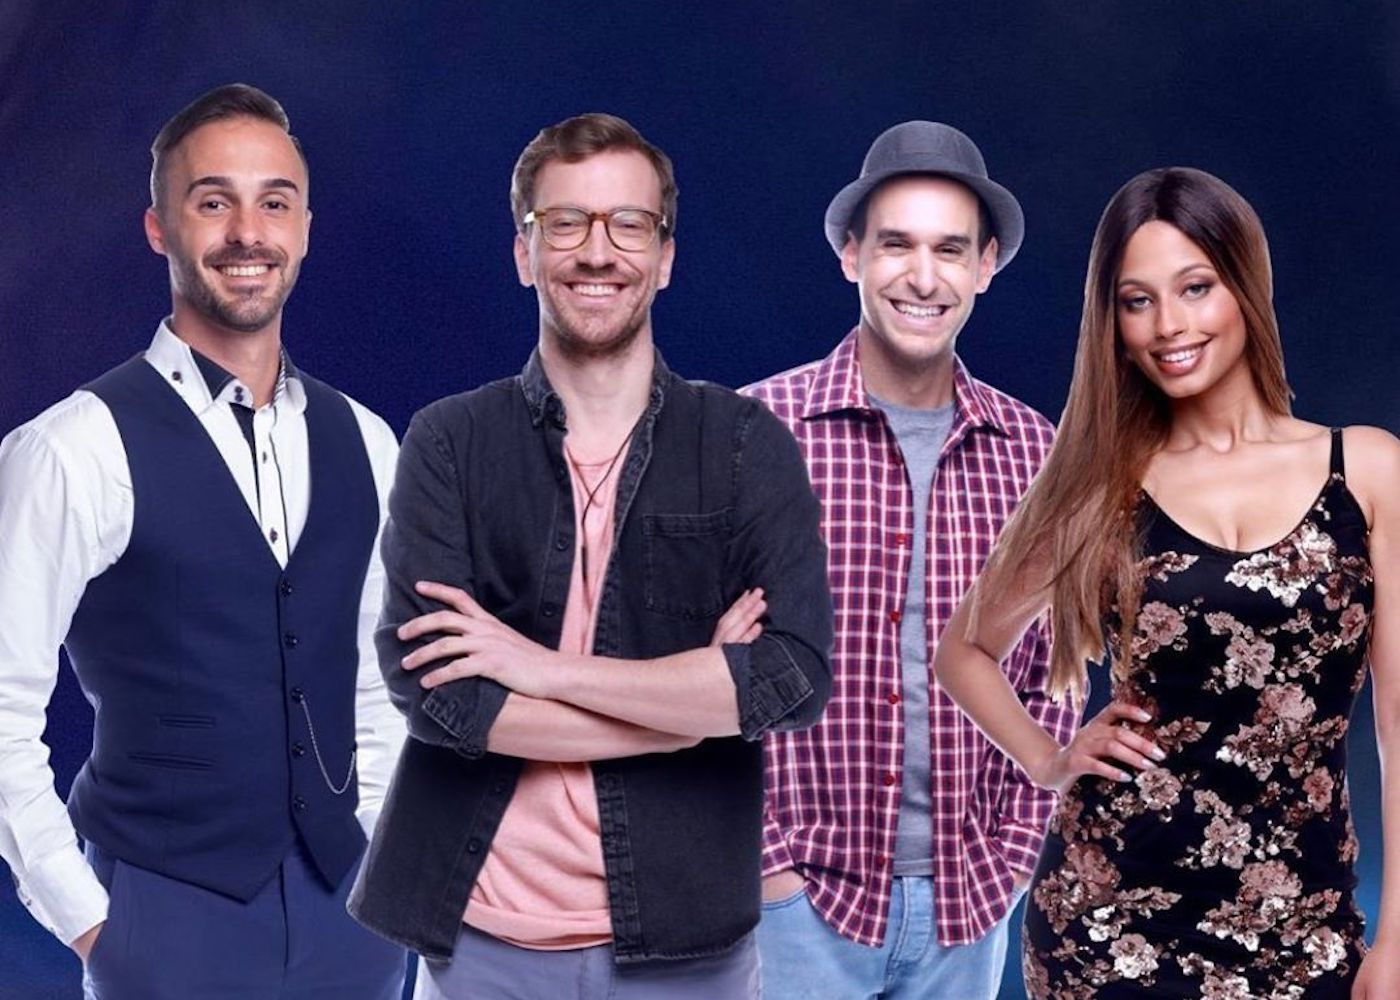 nomeados big brother Big Brother: Cláudio Ramos liga à casa e salva Soraia. Concorrente fica em lágrimas